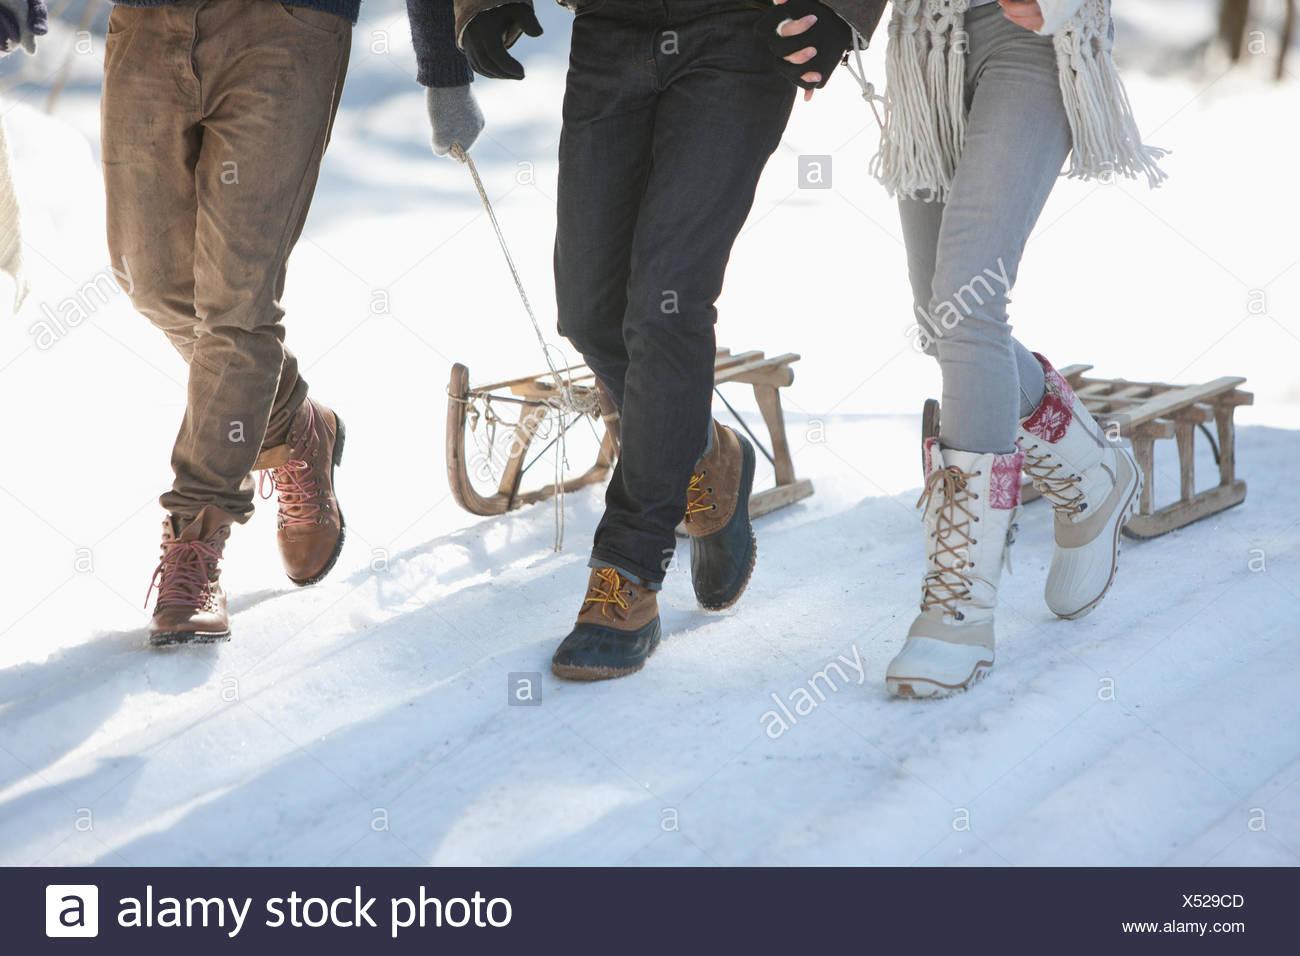 Tres personas con carril en paisaje nevado, bajo la sección Imagen De Stock